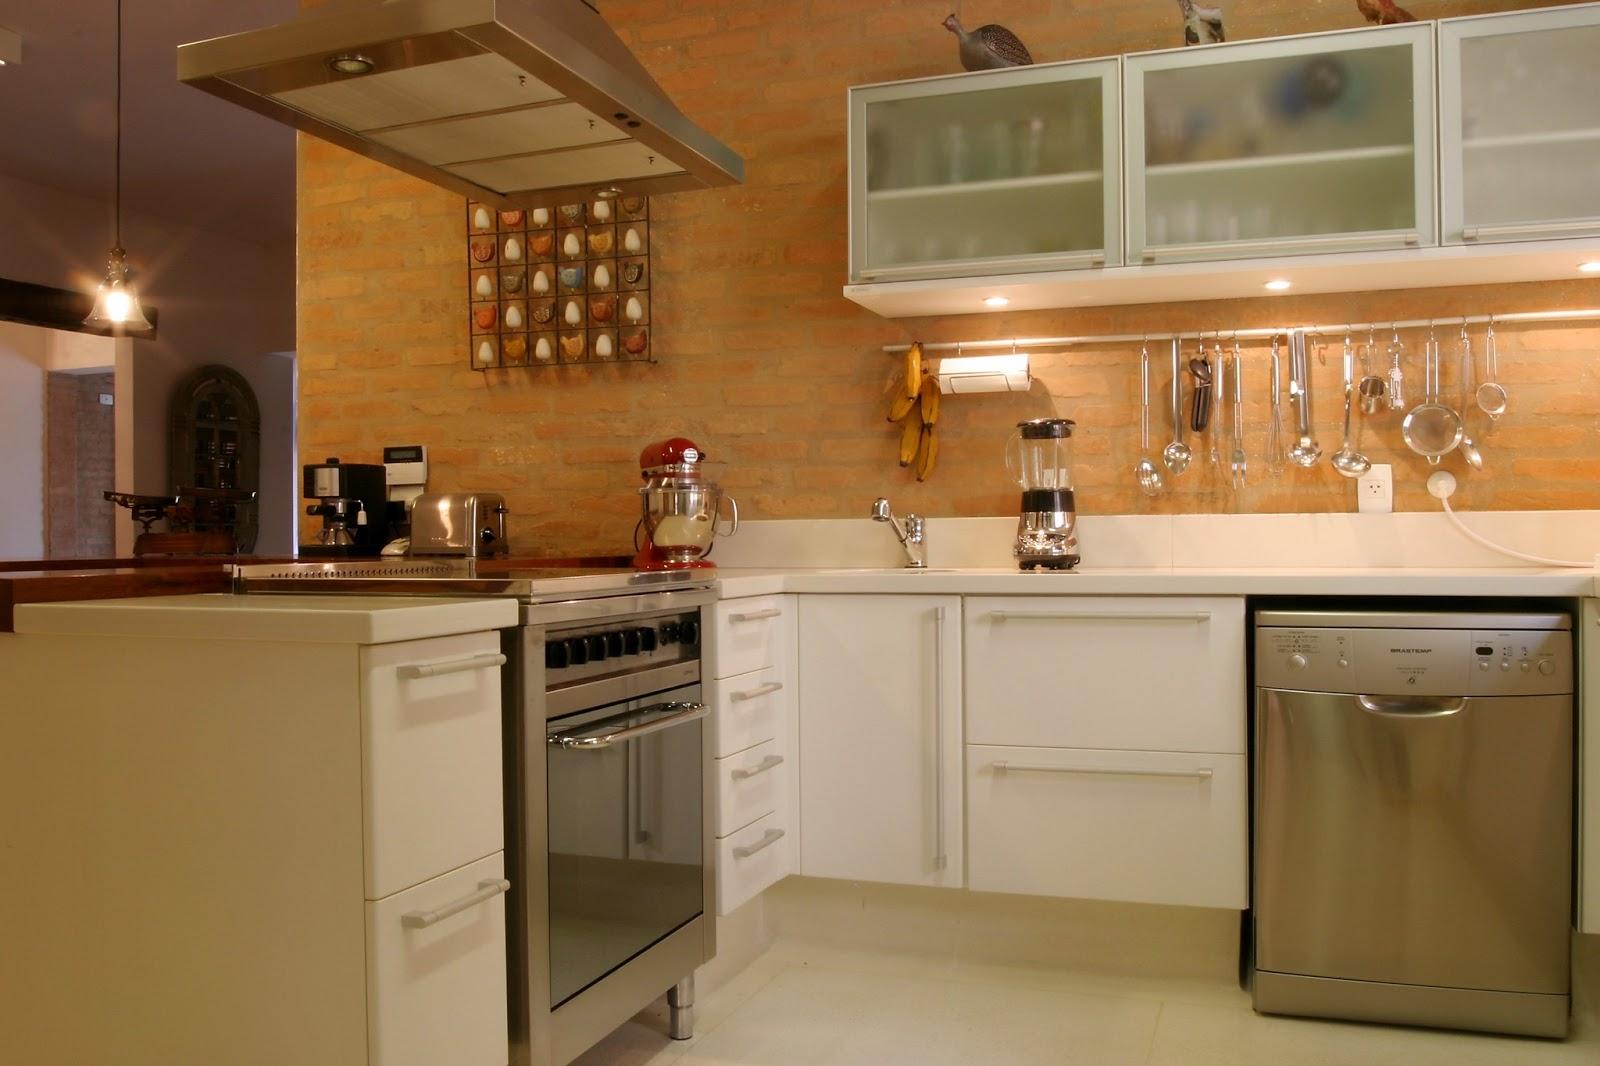 #9B6730 Harmoniosa e linda! O projeto dessa cozinha foi executado porEliane  1600x1066 px Projeto Cozinha Industrial Campinas_4233 Imagens